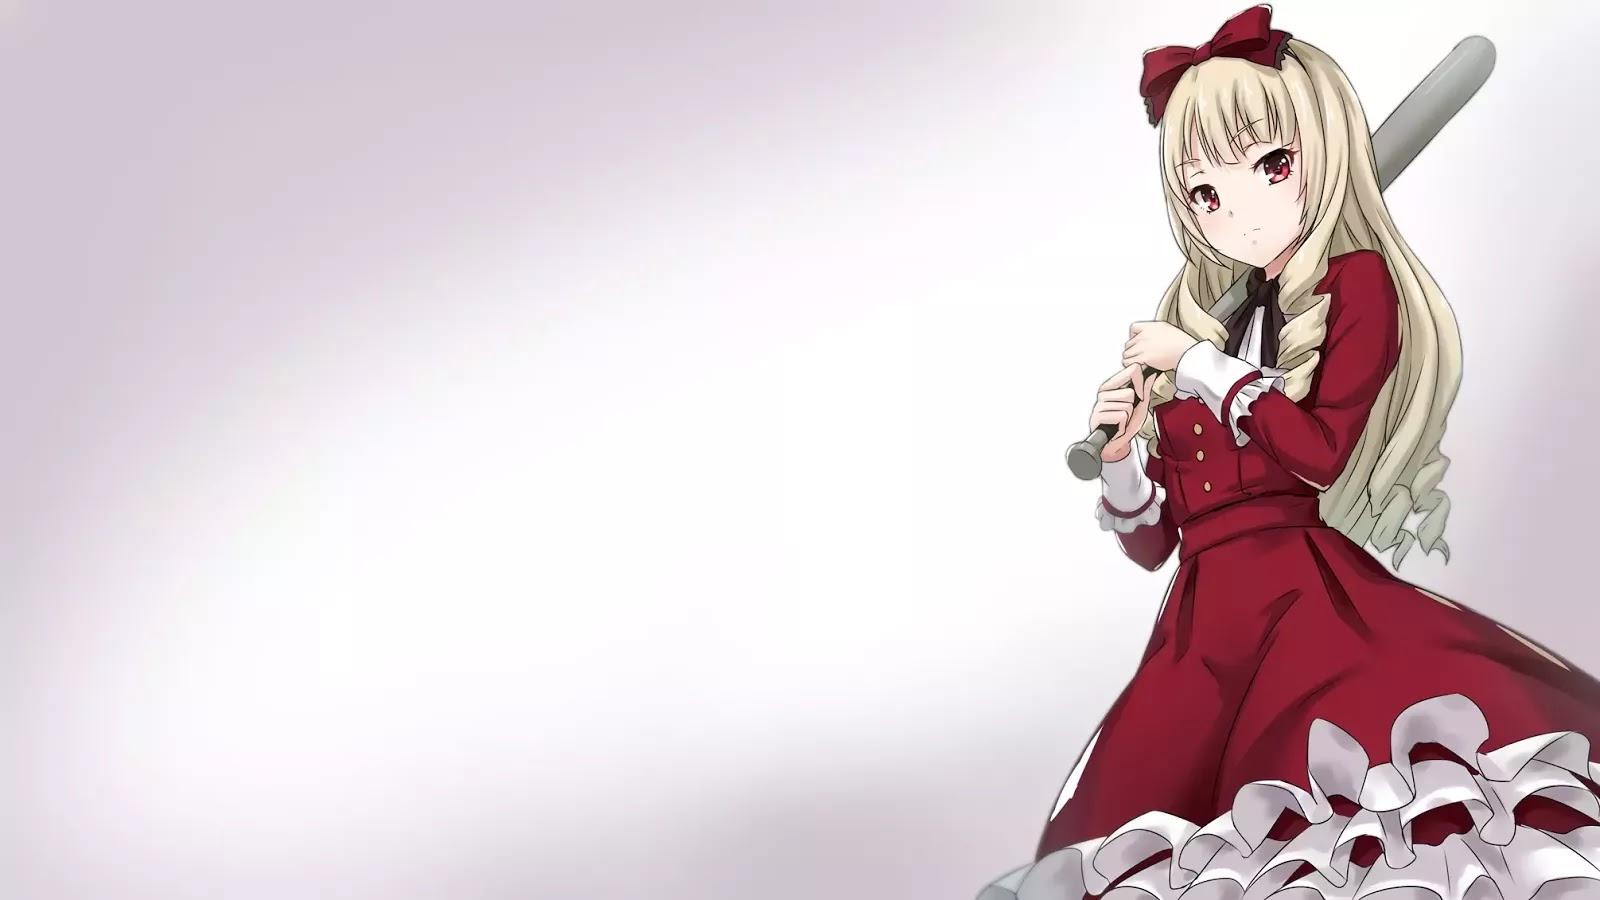 AowVN%2B%25285%2529 - [ Hình Nền ] Loli cực đẹp , cực độc Full HD | Anime Wallpaper